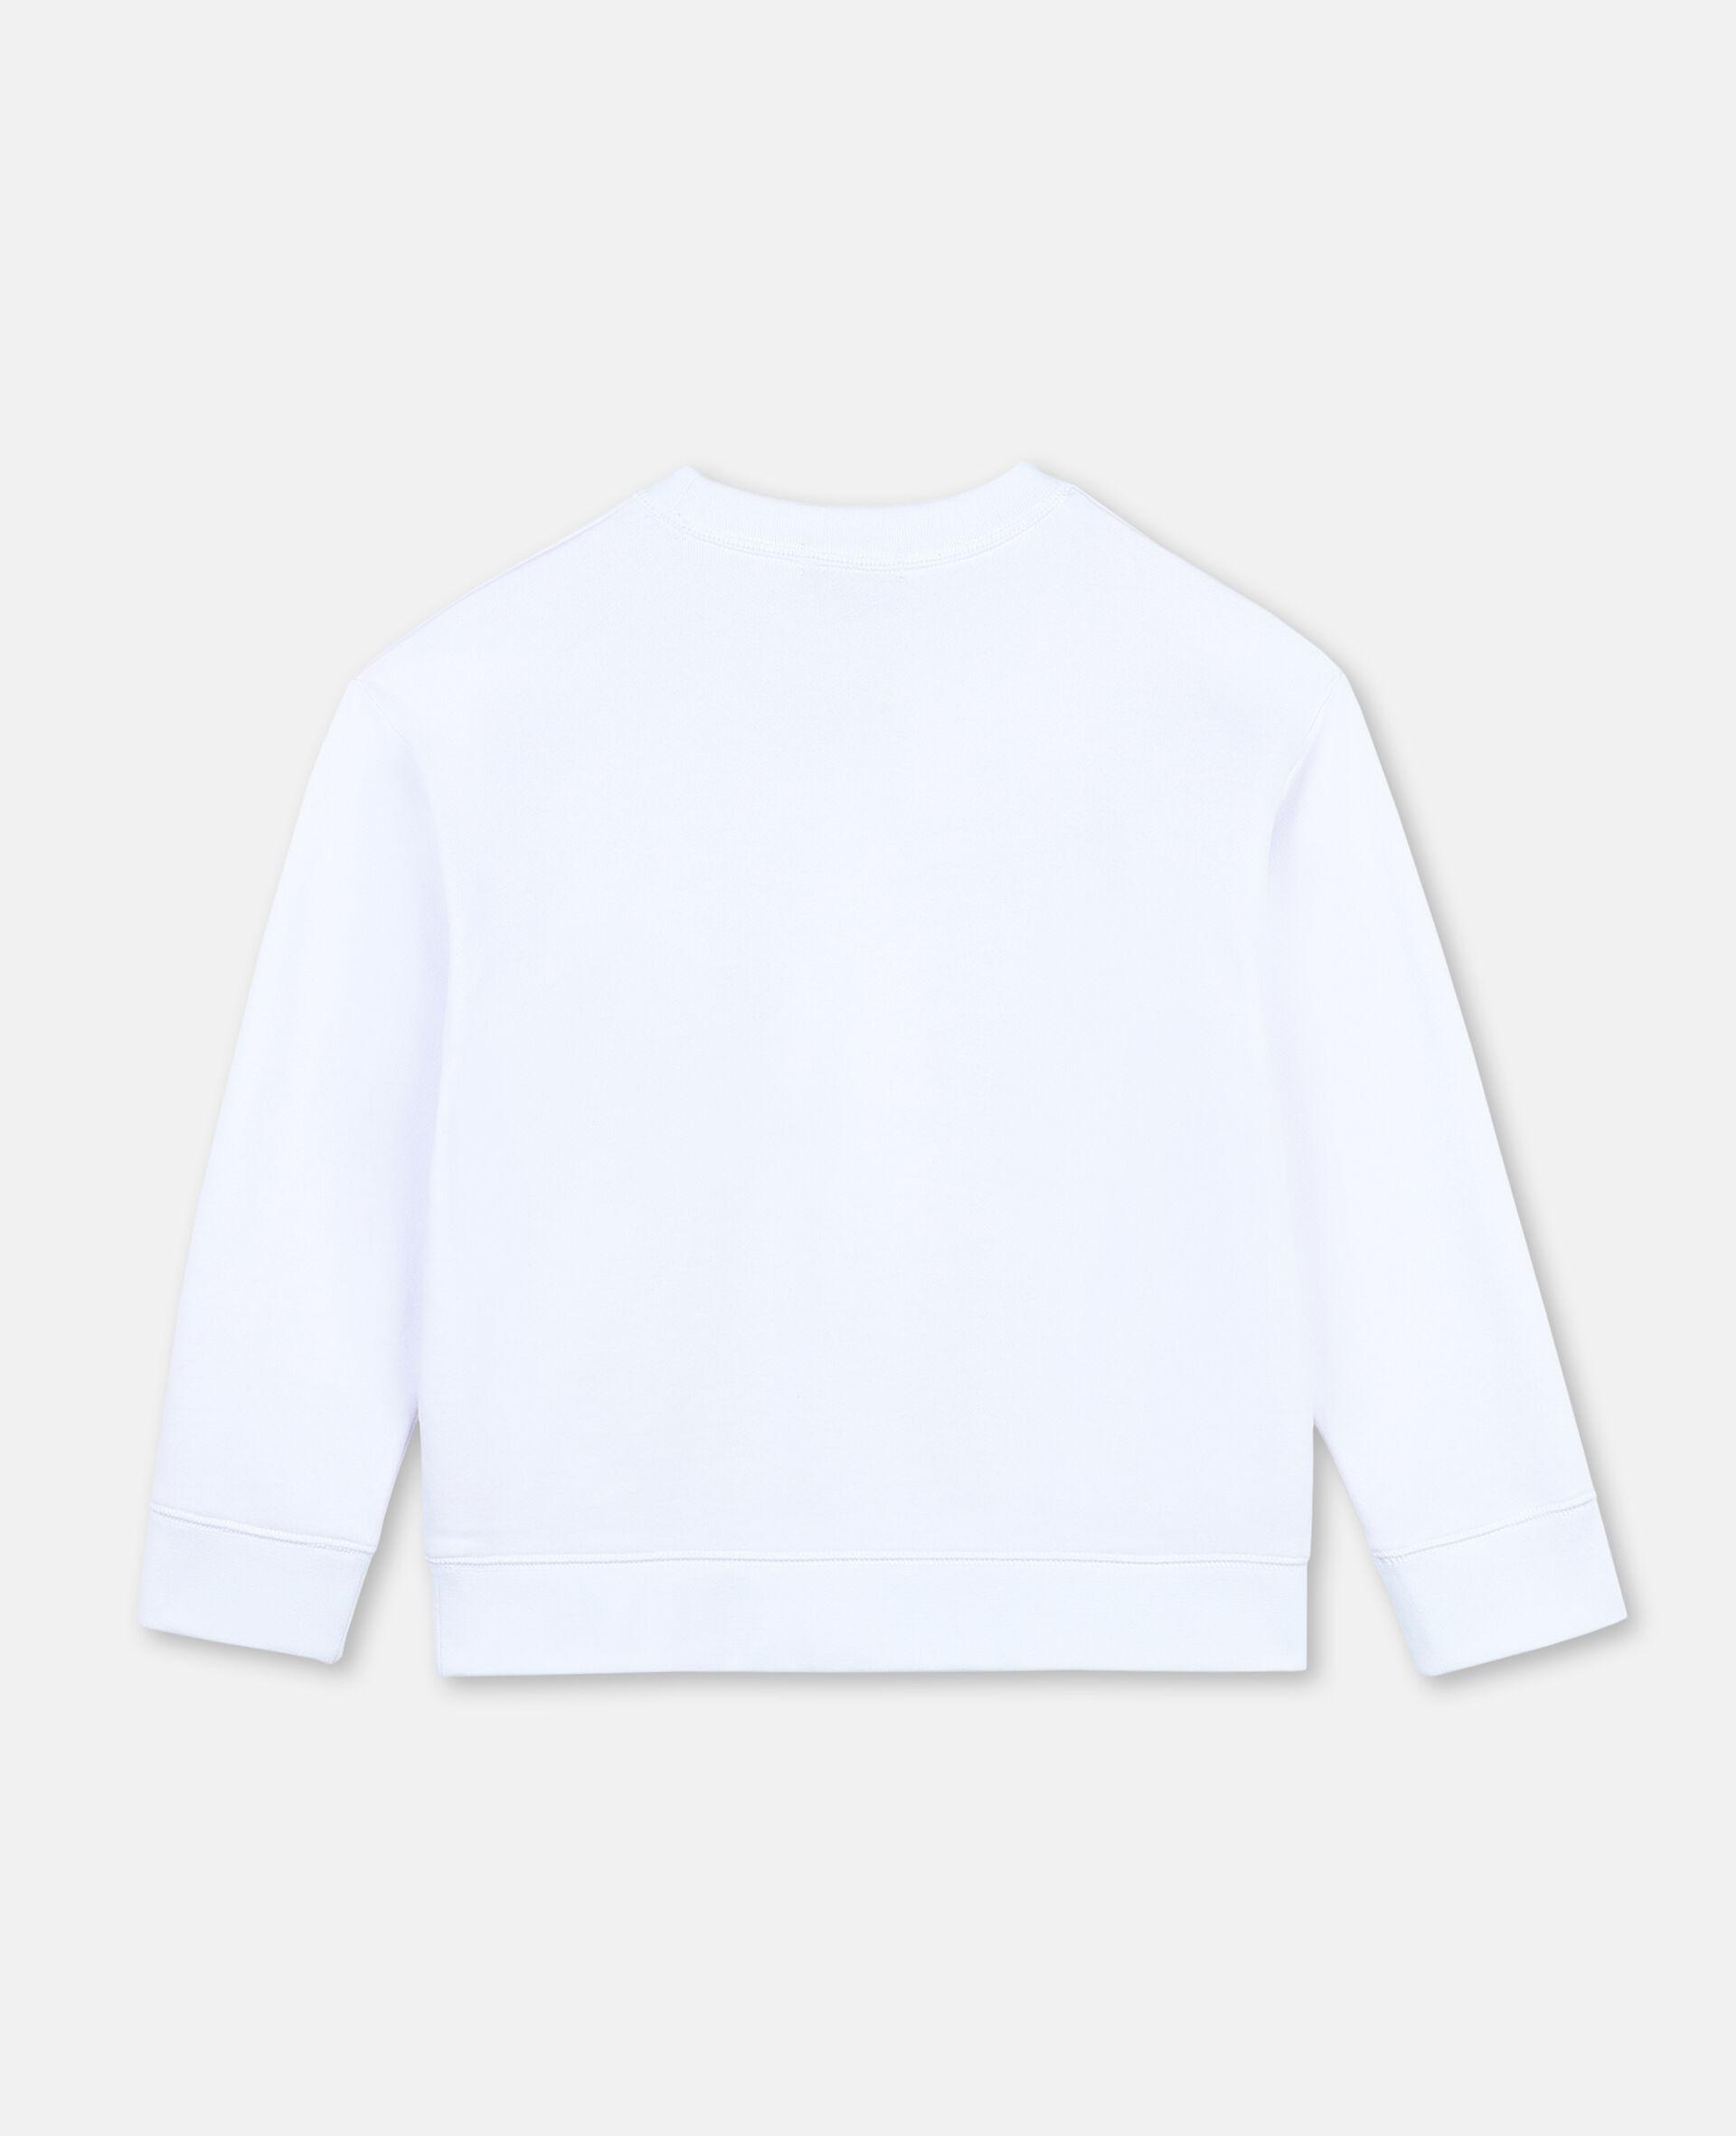 Paws Up Oversize Cotton Sweatshirt -White-large image number 2